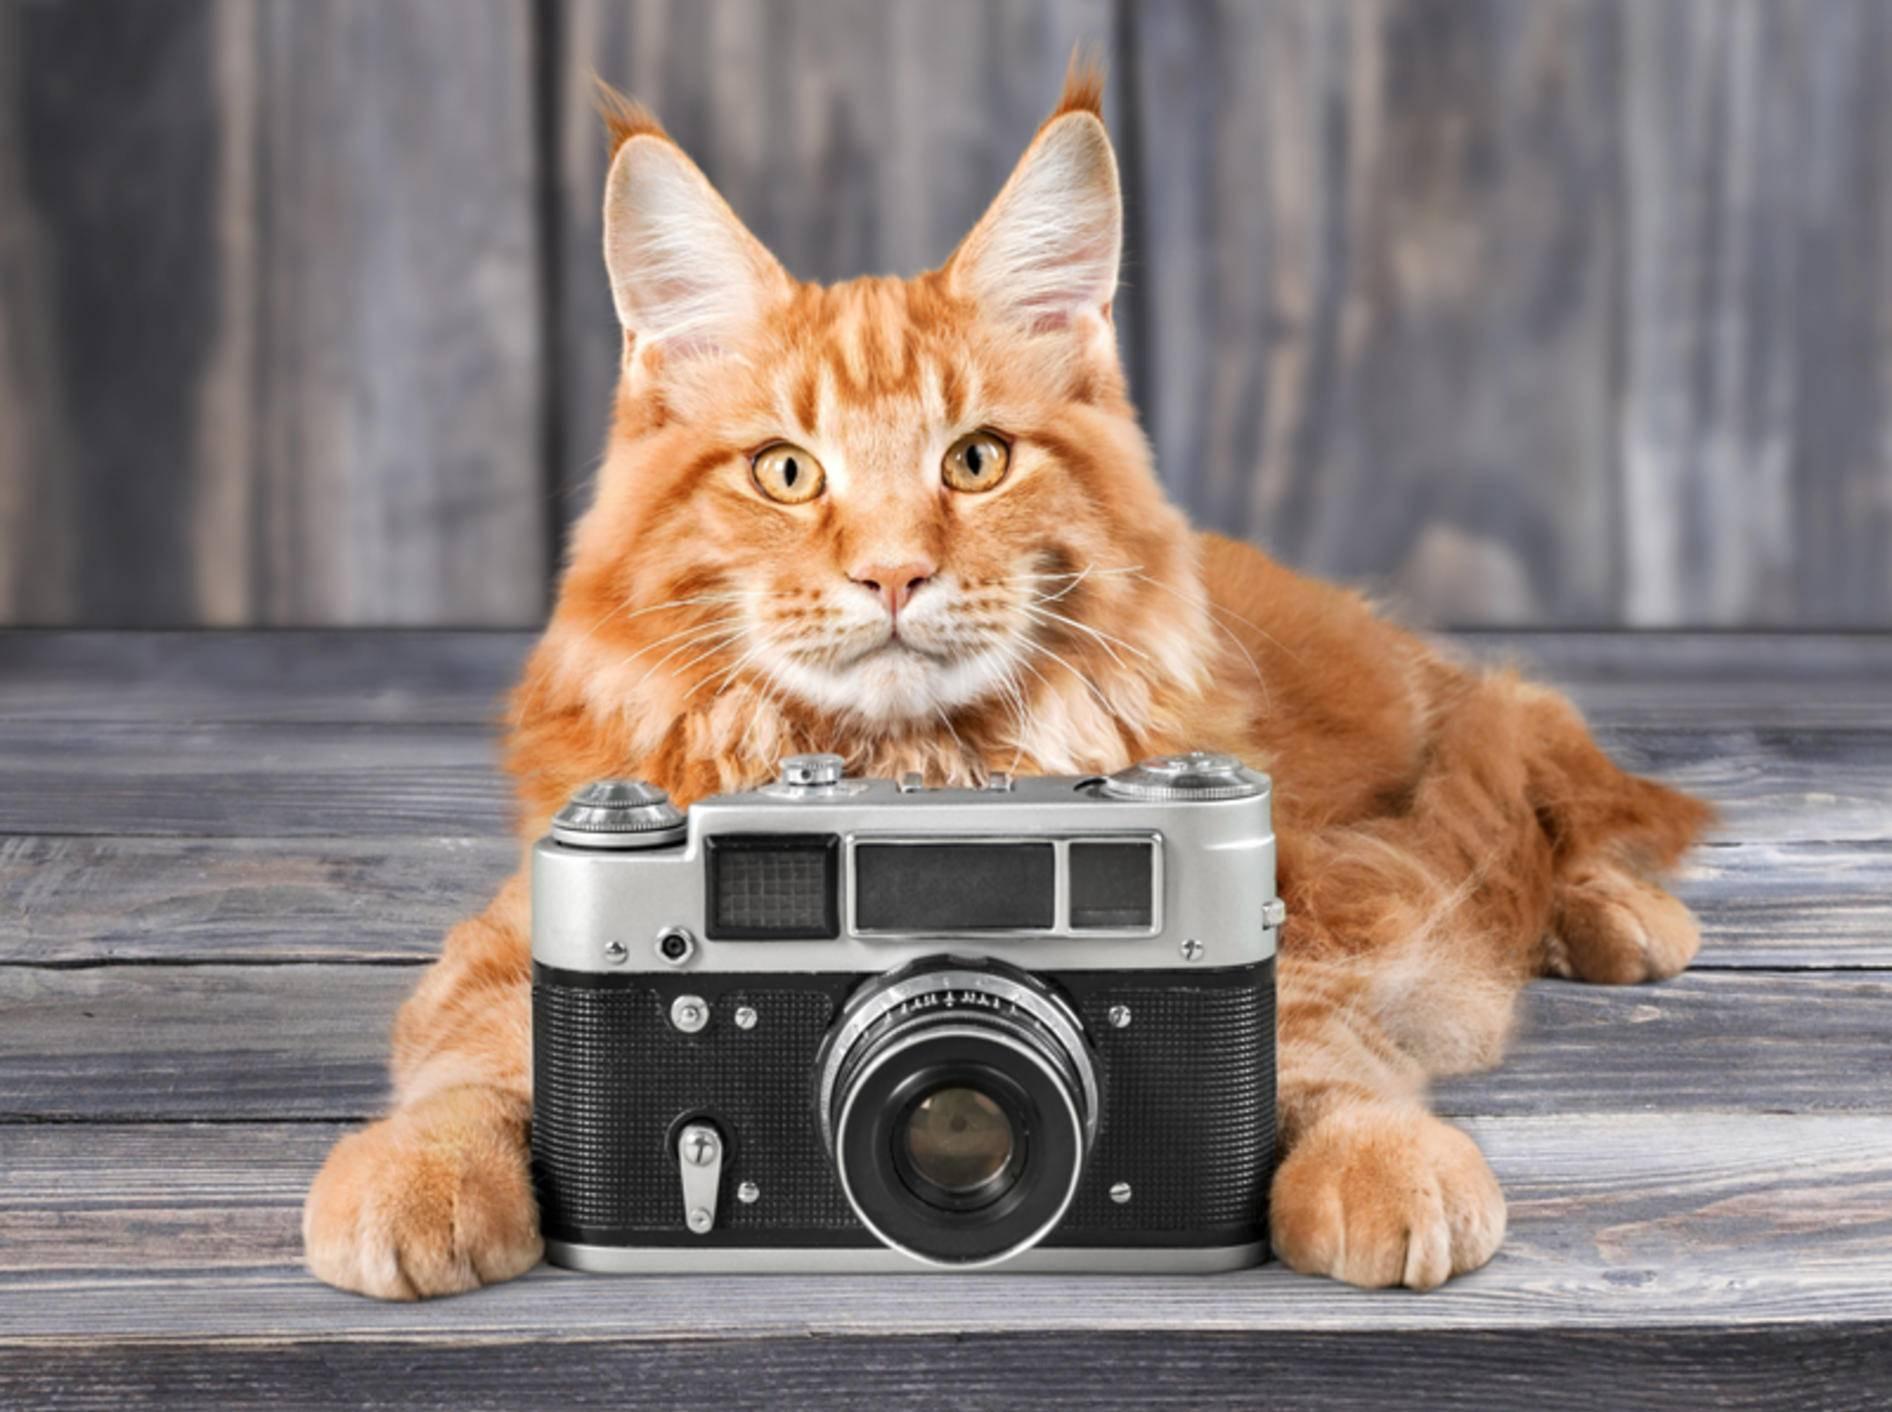 Katzenfotos: Aus Schnappschüssen können richtige Kunstwerke werden – Shutterstock / www.BillionPhotos.com